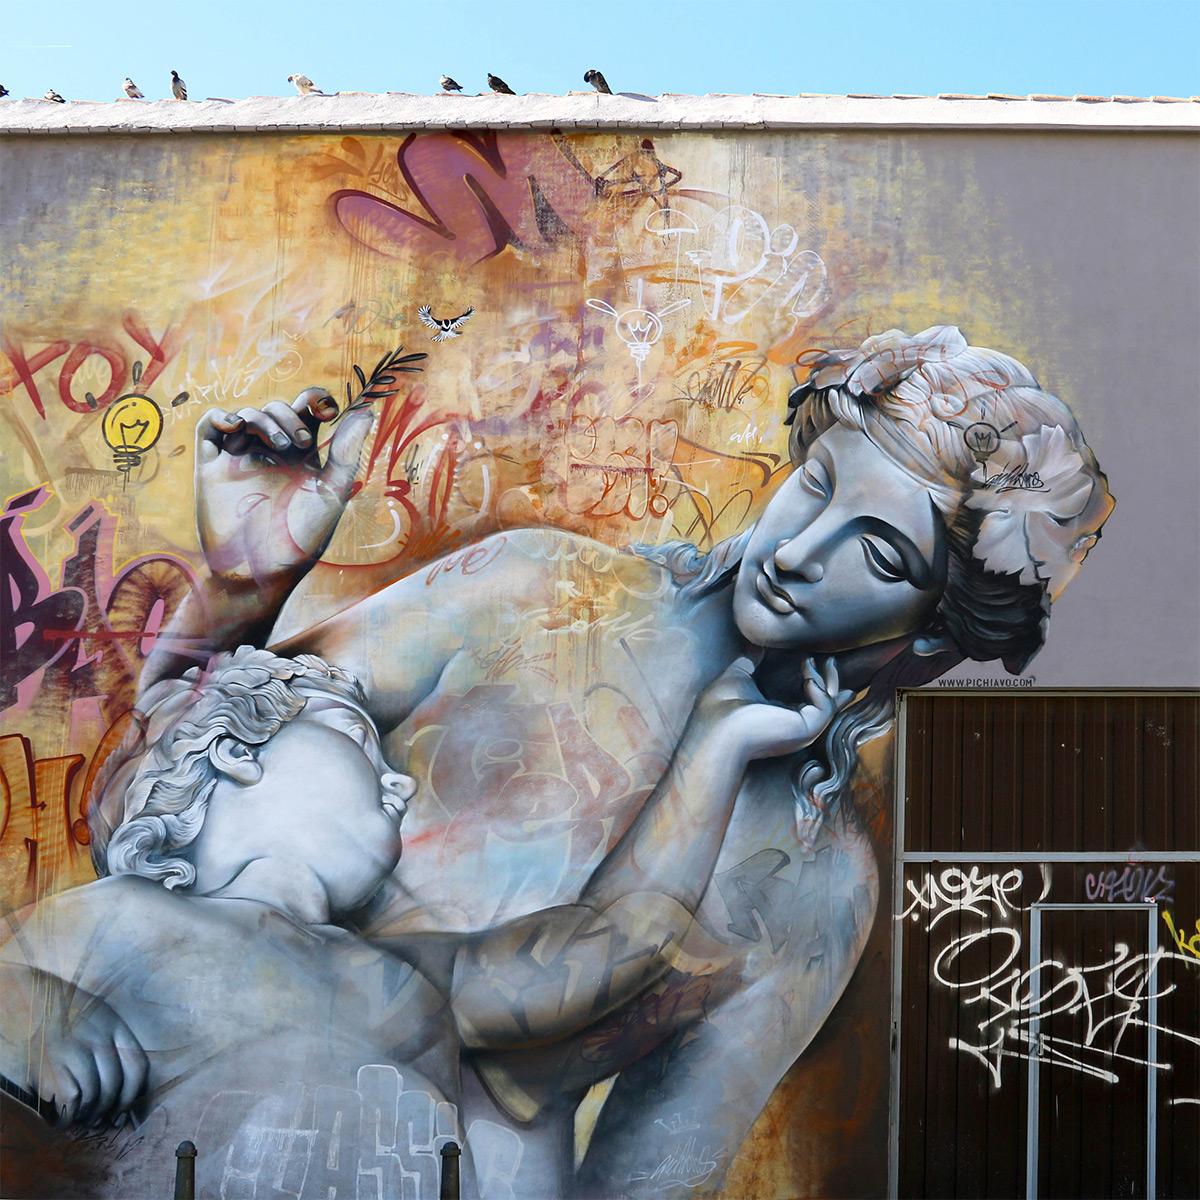 arte-urbana-mitologia-1